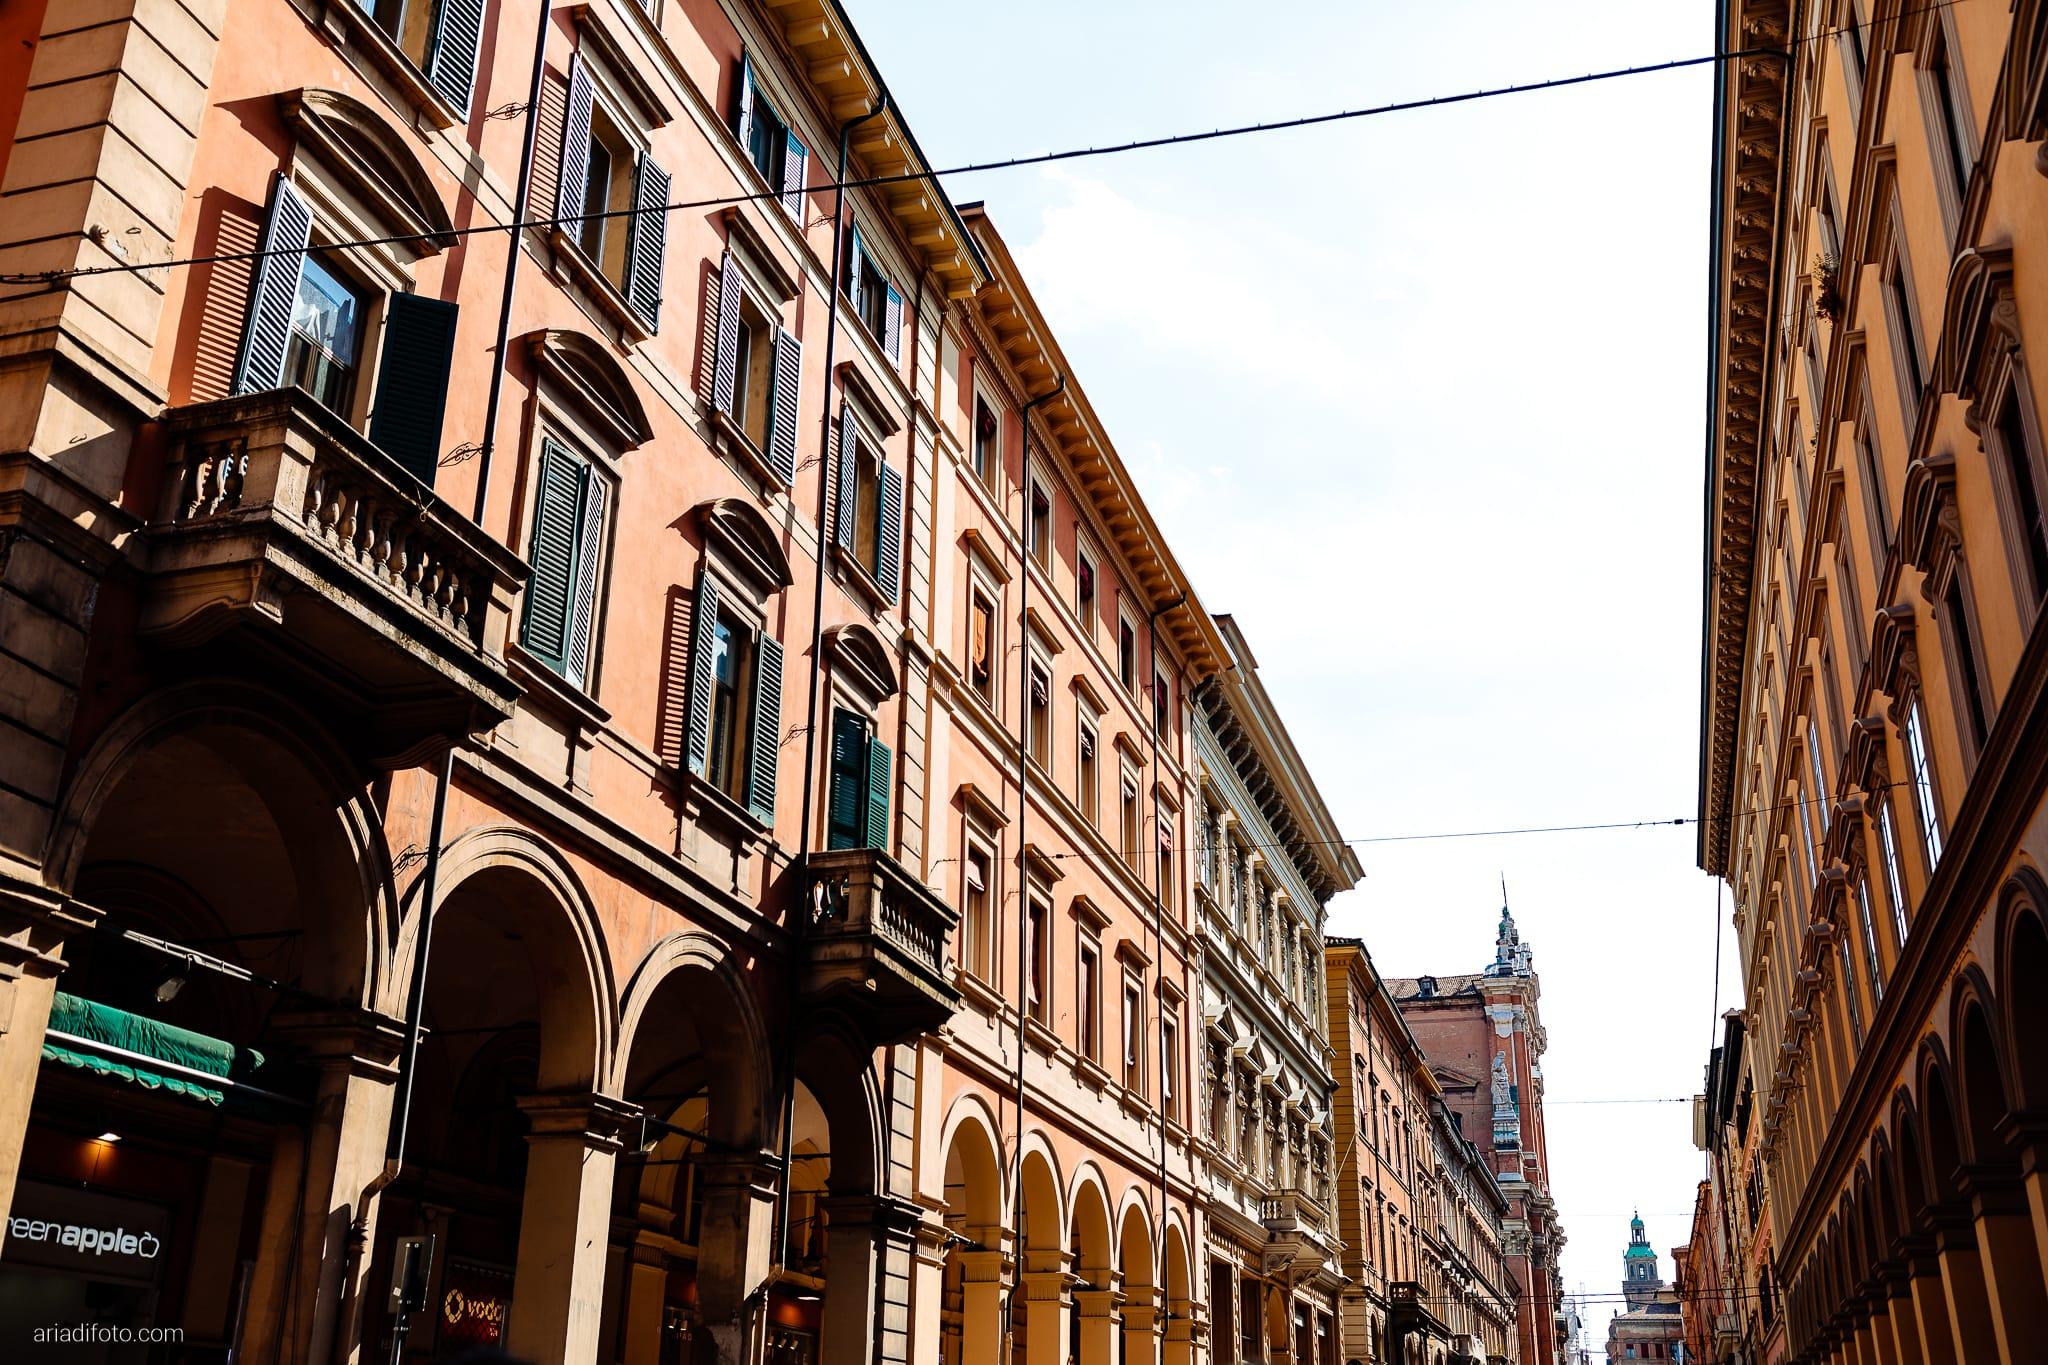 Marina Stefano Prematrimoniale Centro Bologna